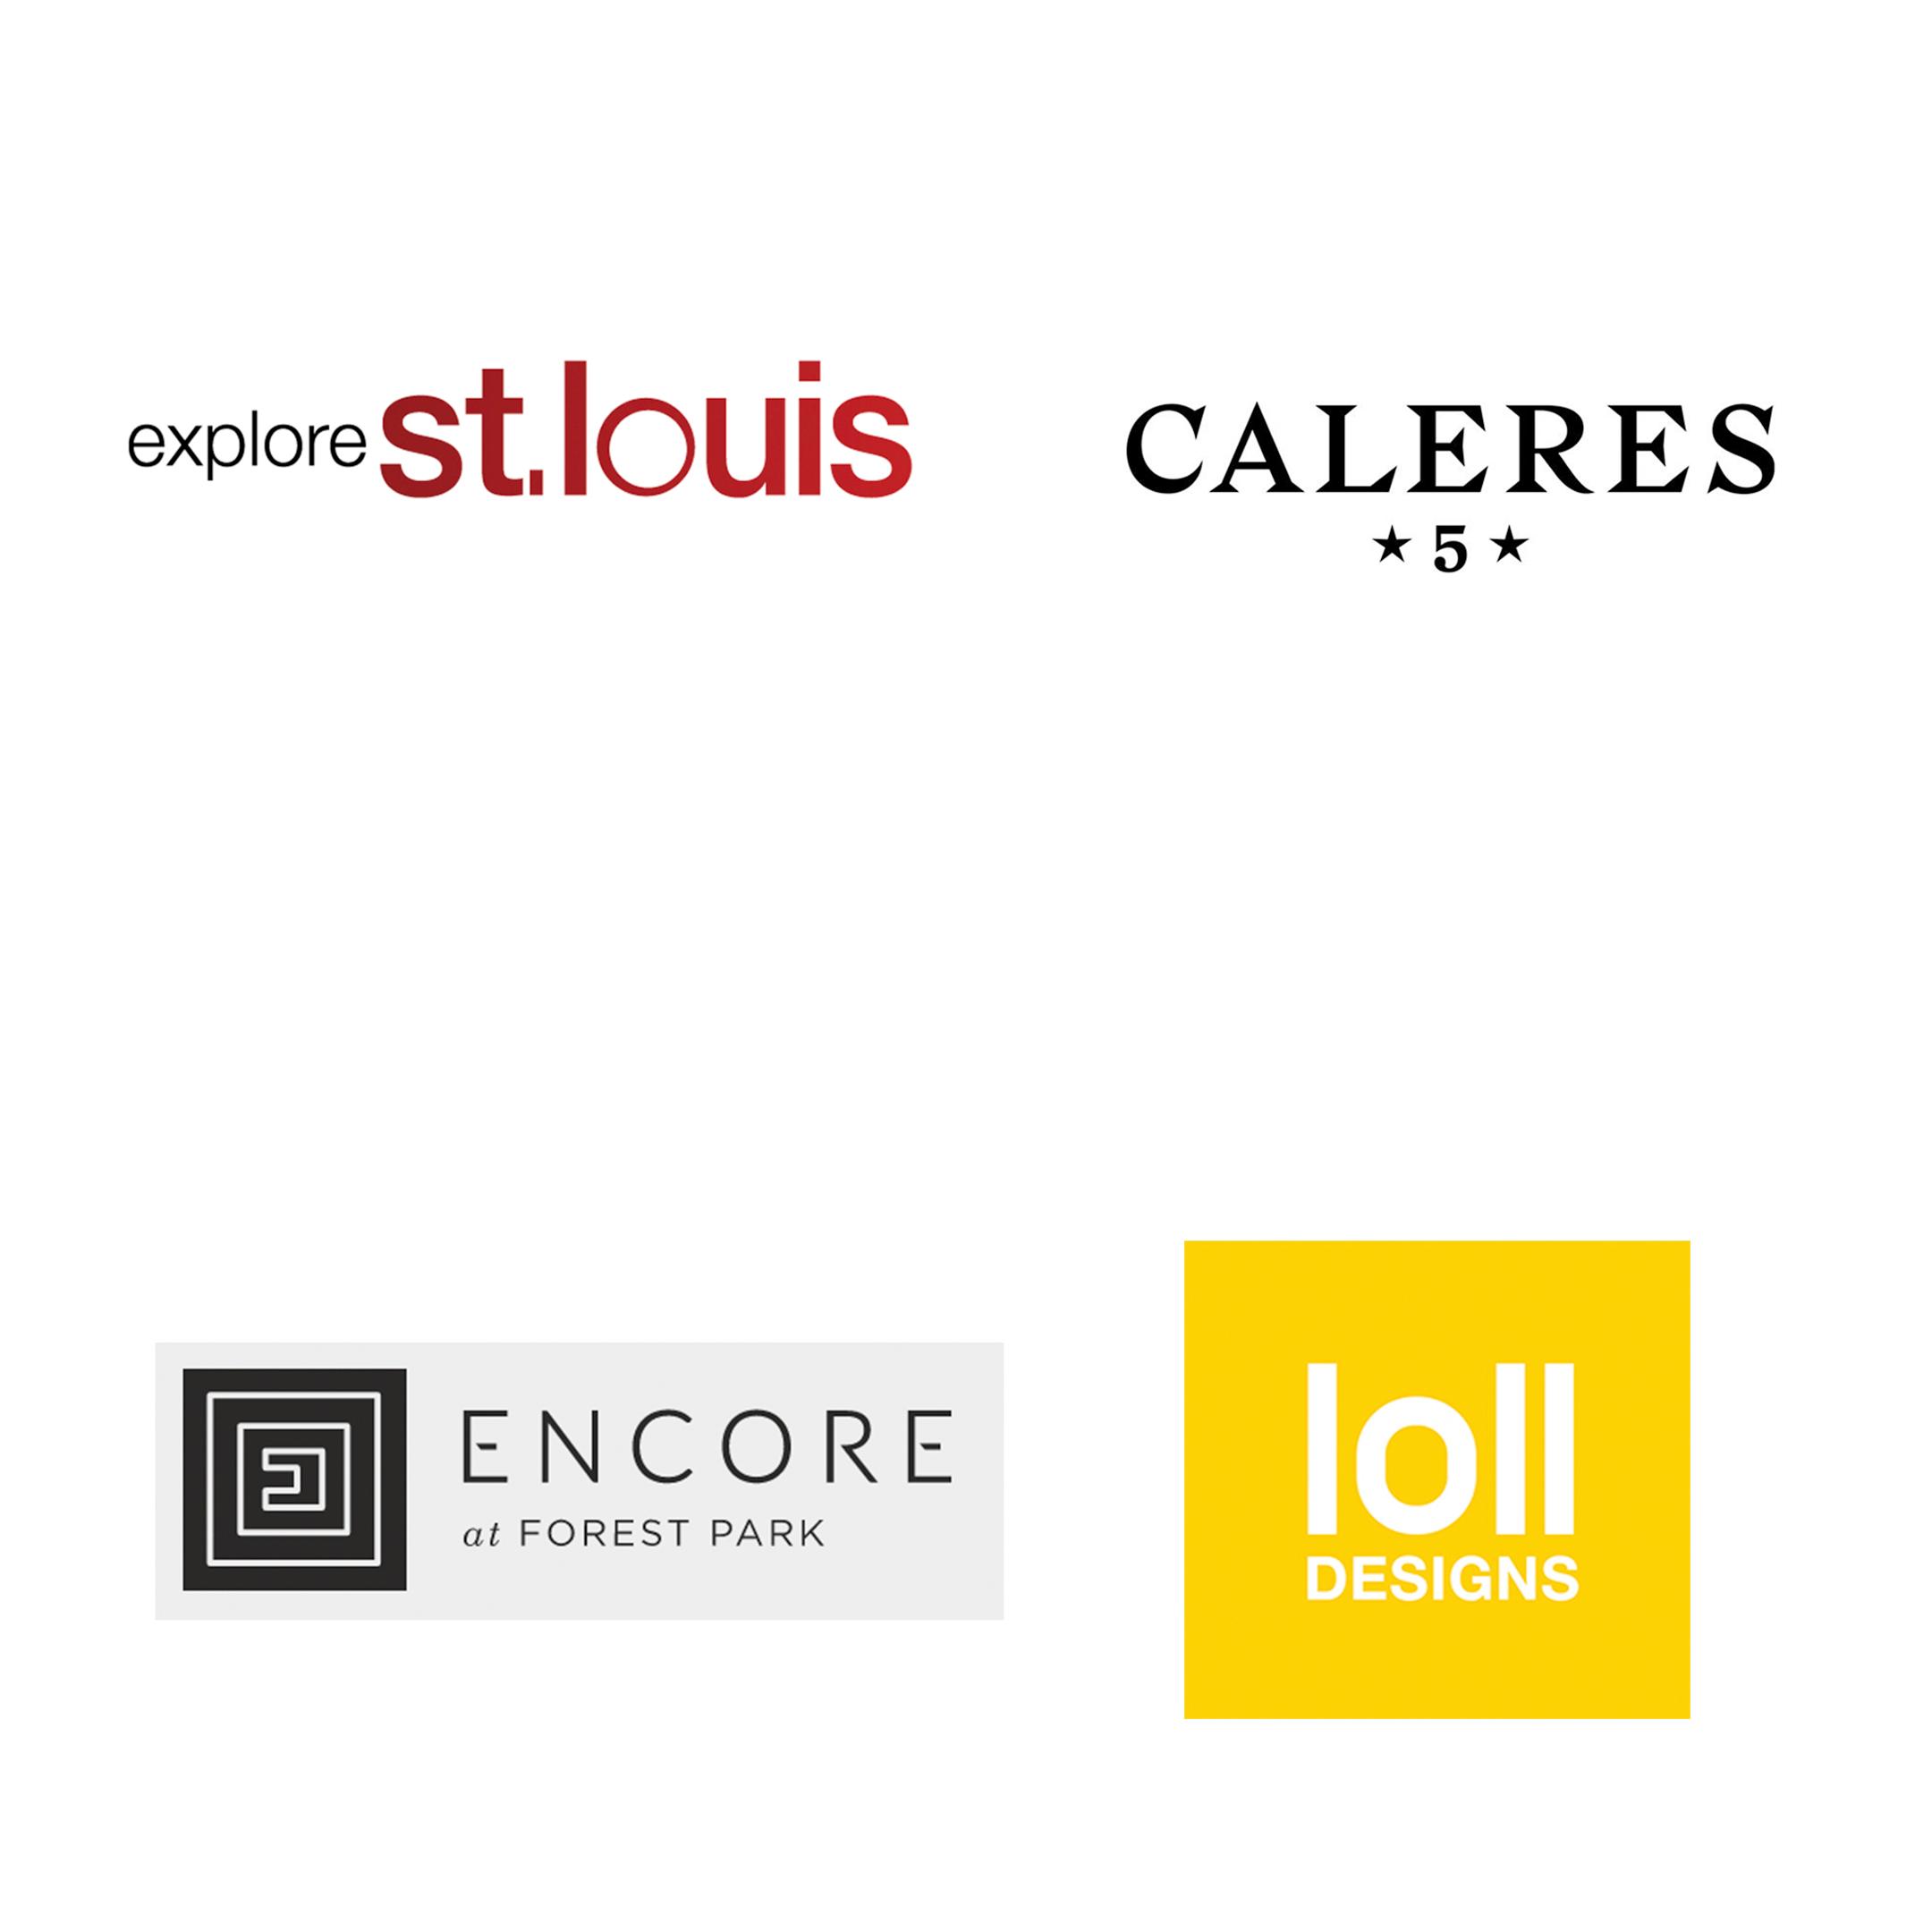 Novel Marketing Works for Caleres